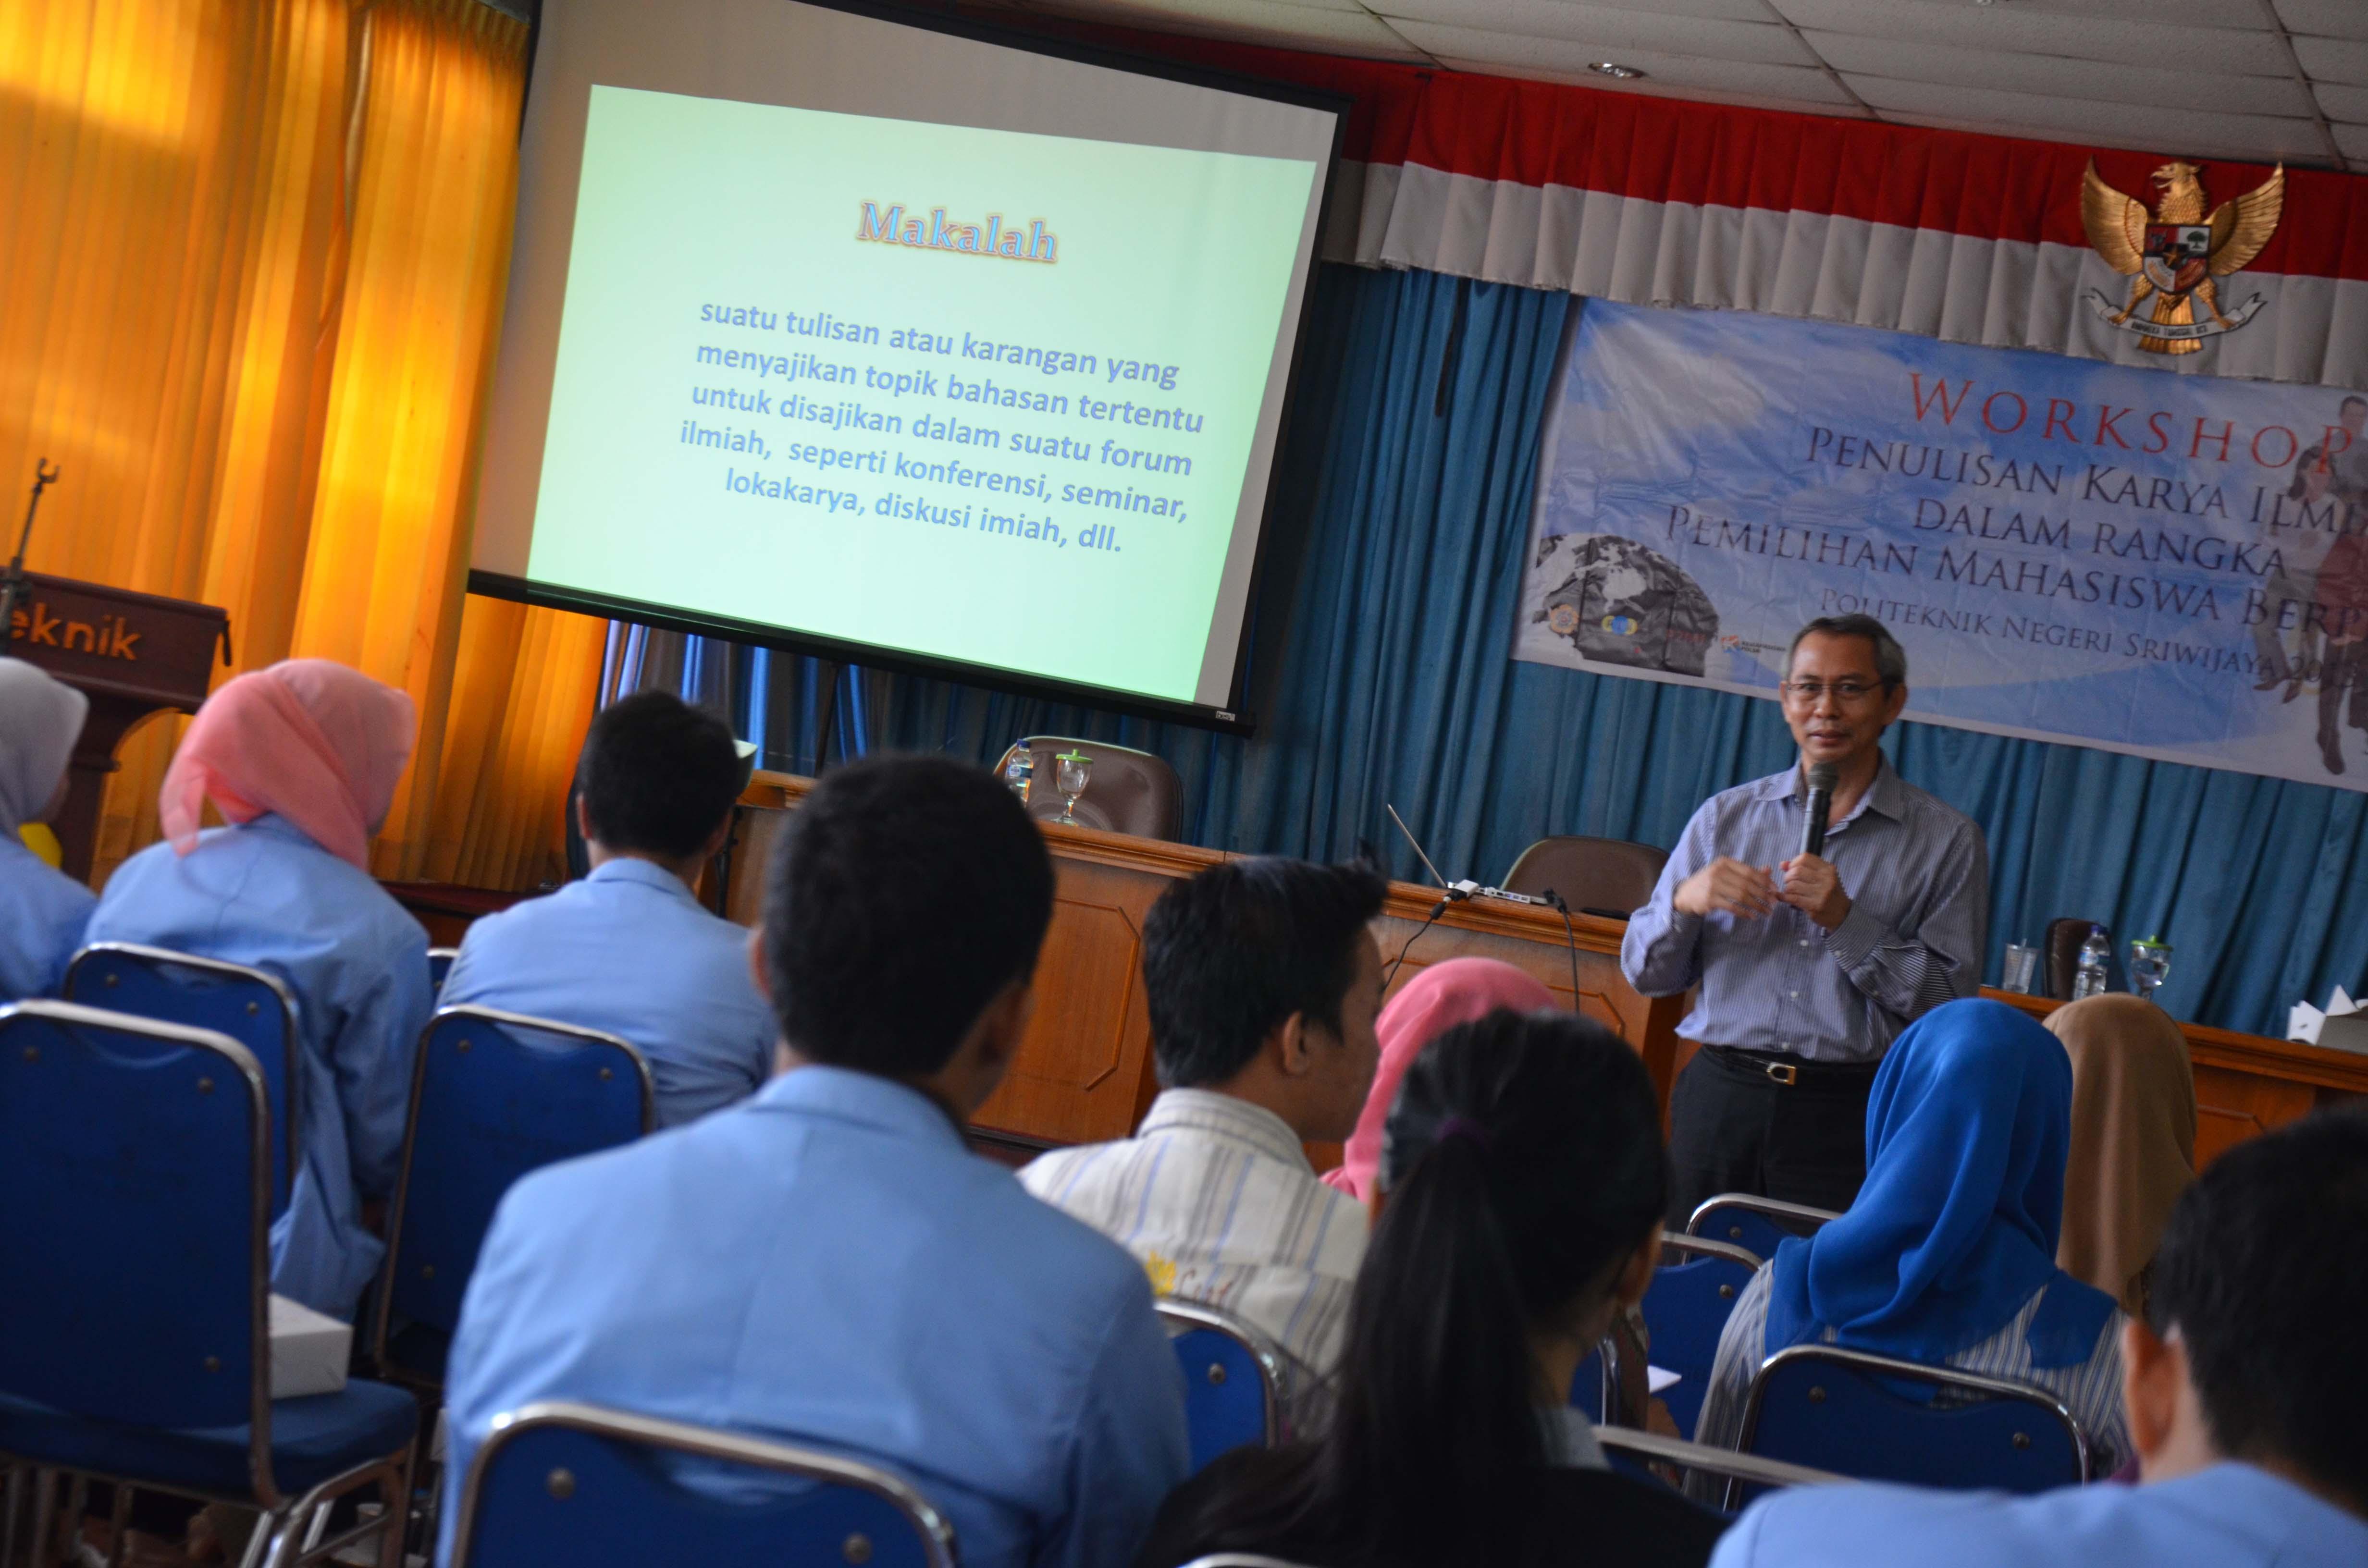 Workshop Pemilihan Mahasiswa Berprestasi 2013